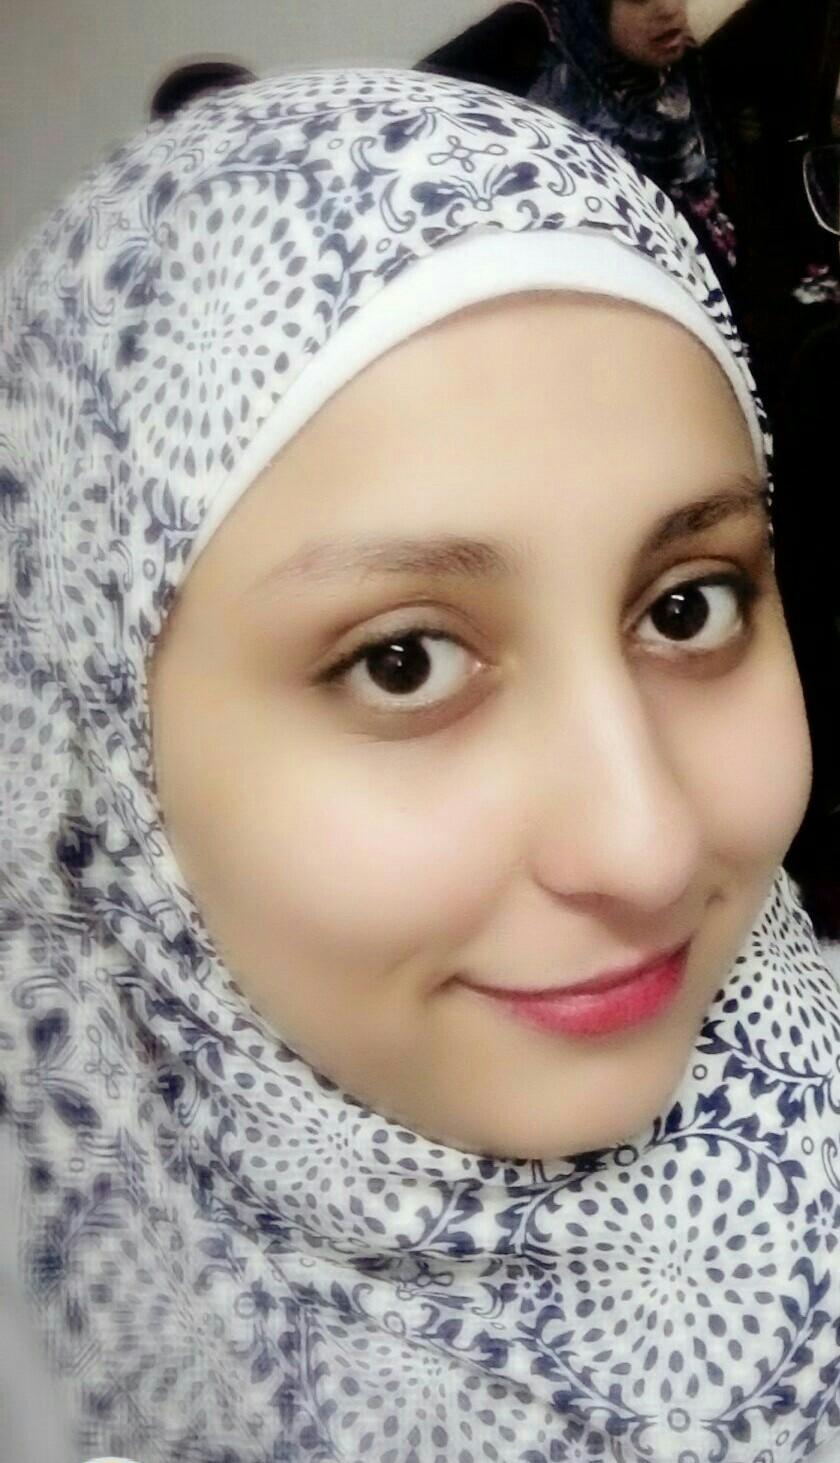 Sabah Fathi Yahia Khater